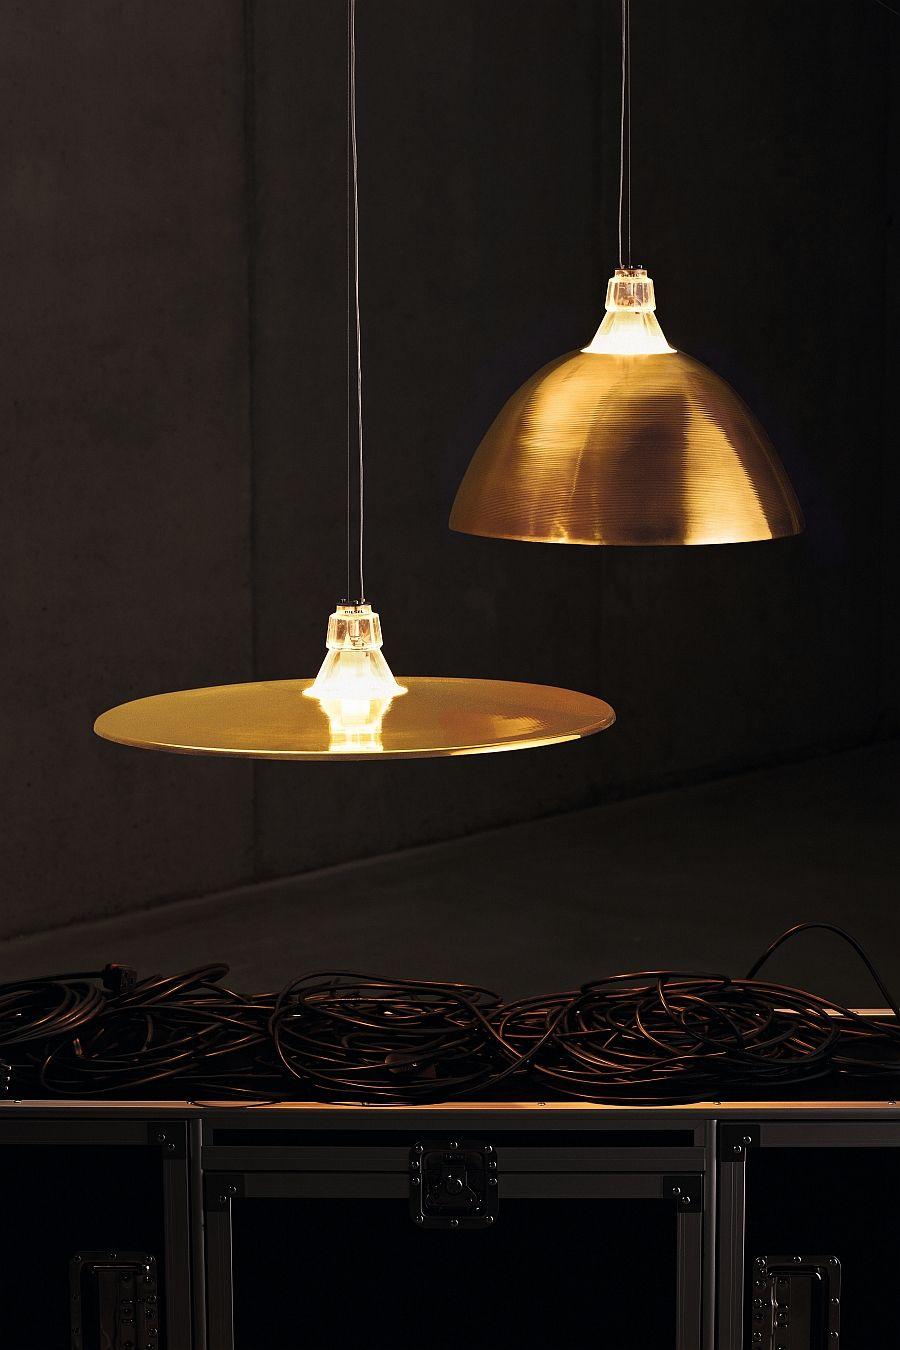 Дизайнерские светильники: оригинальные лампы от фирмы Foscarini